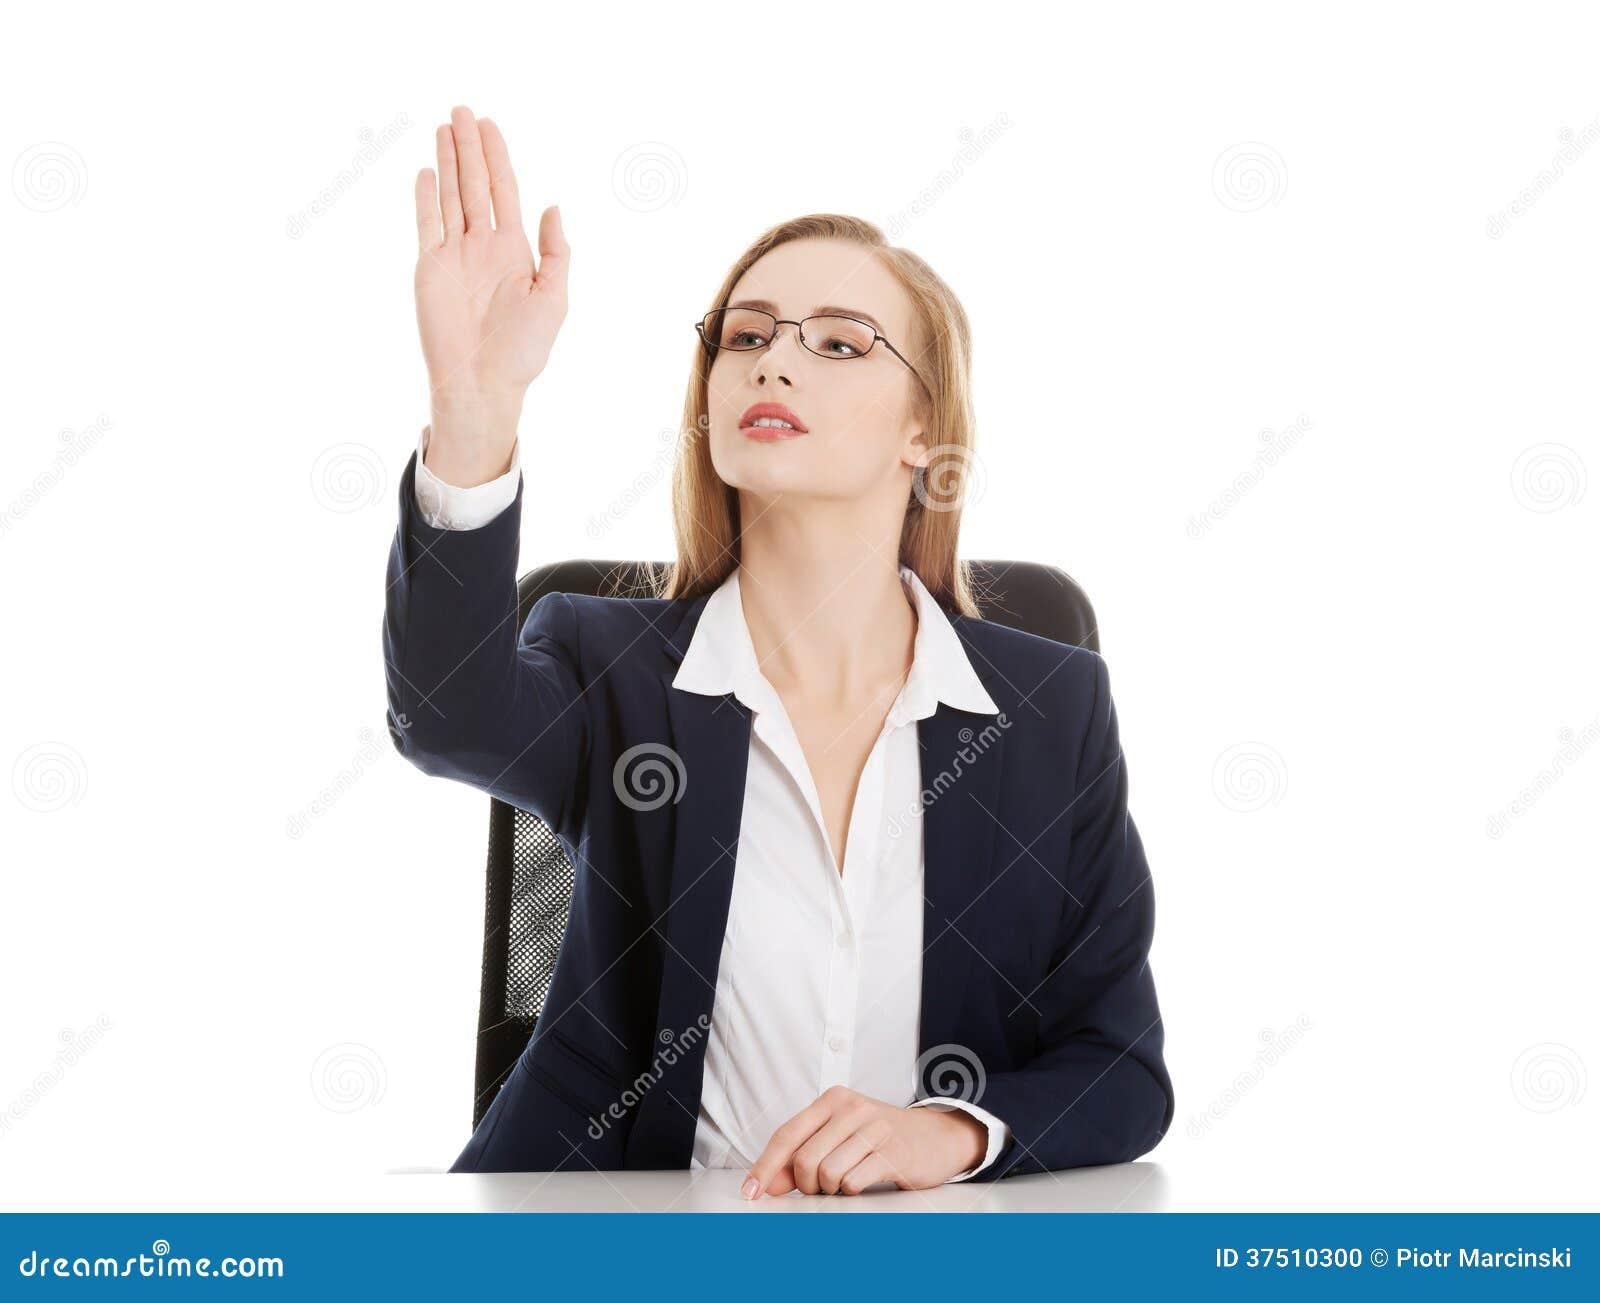 Красивая бизнес-леди сидящ и показывающ жест стопа.